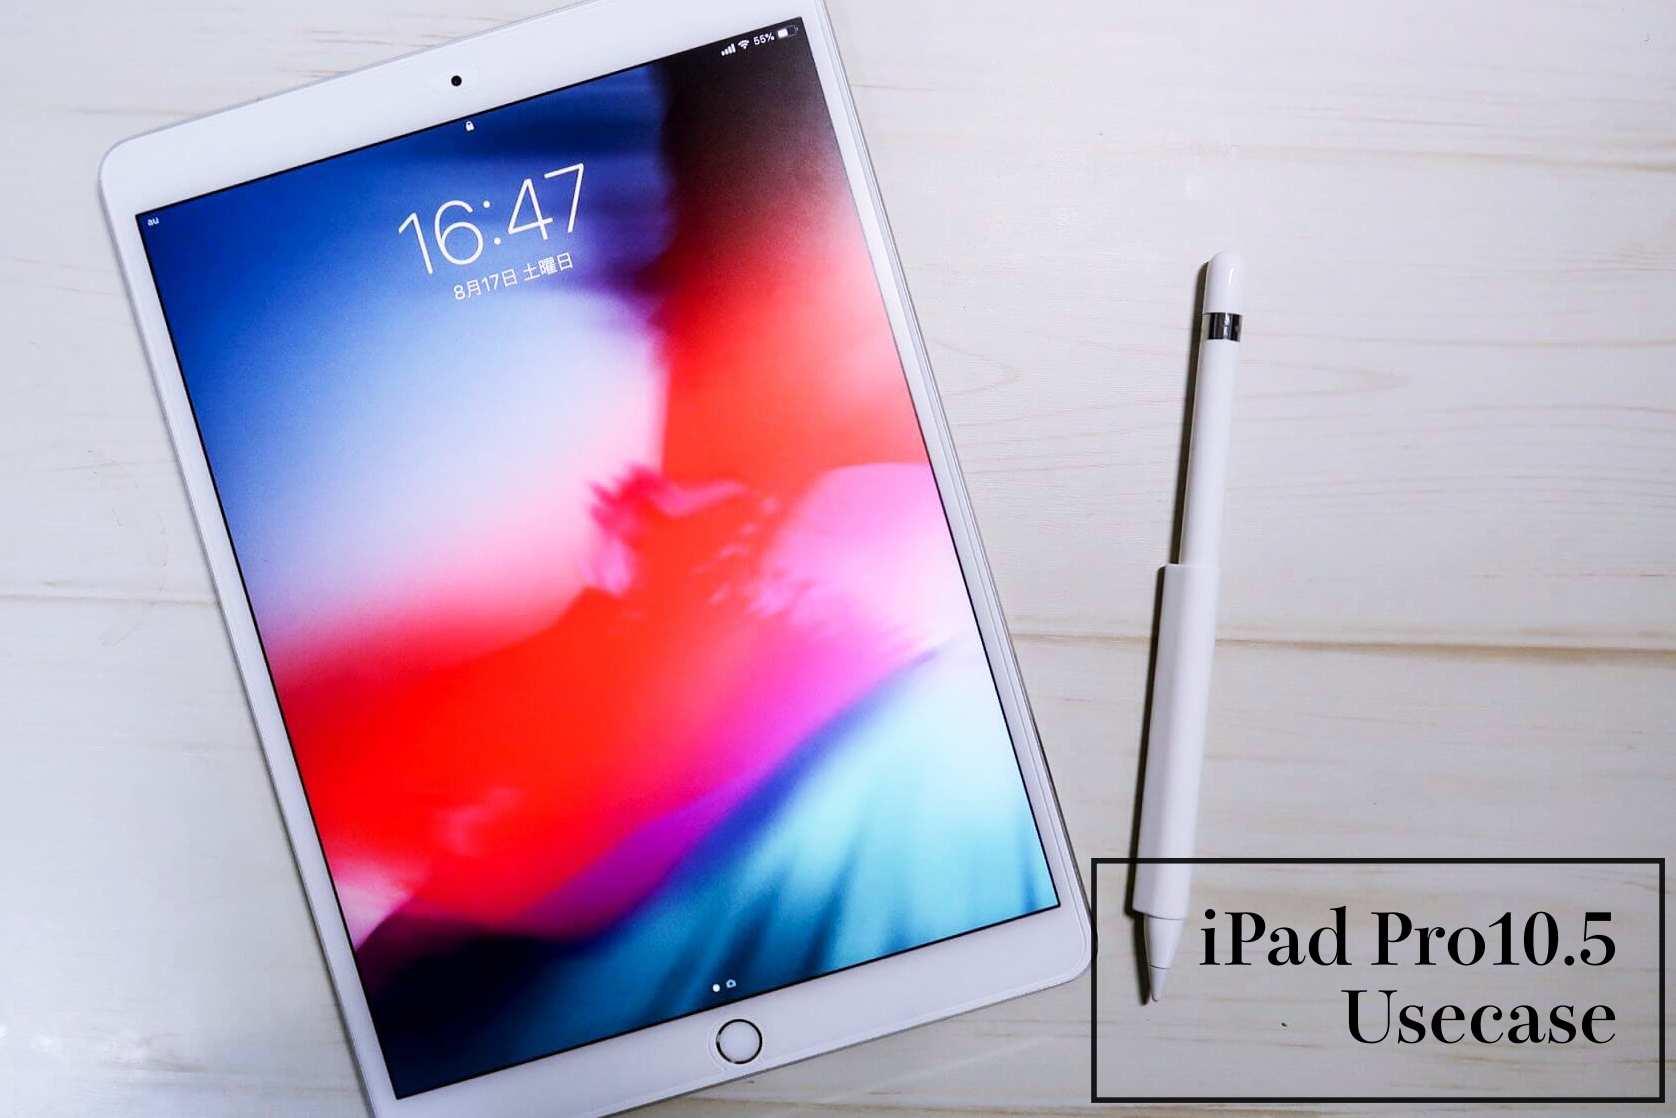 僕がいま、iPad Pro10.5を買った理由   KOGALOG(コガログ)